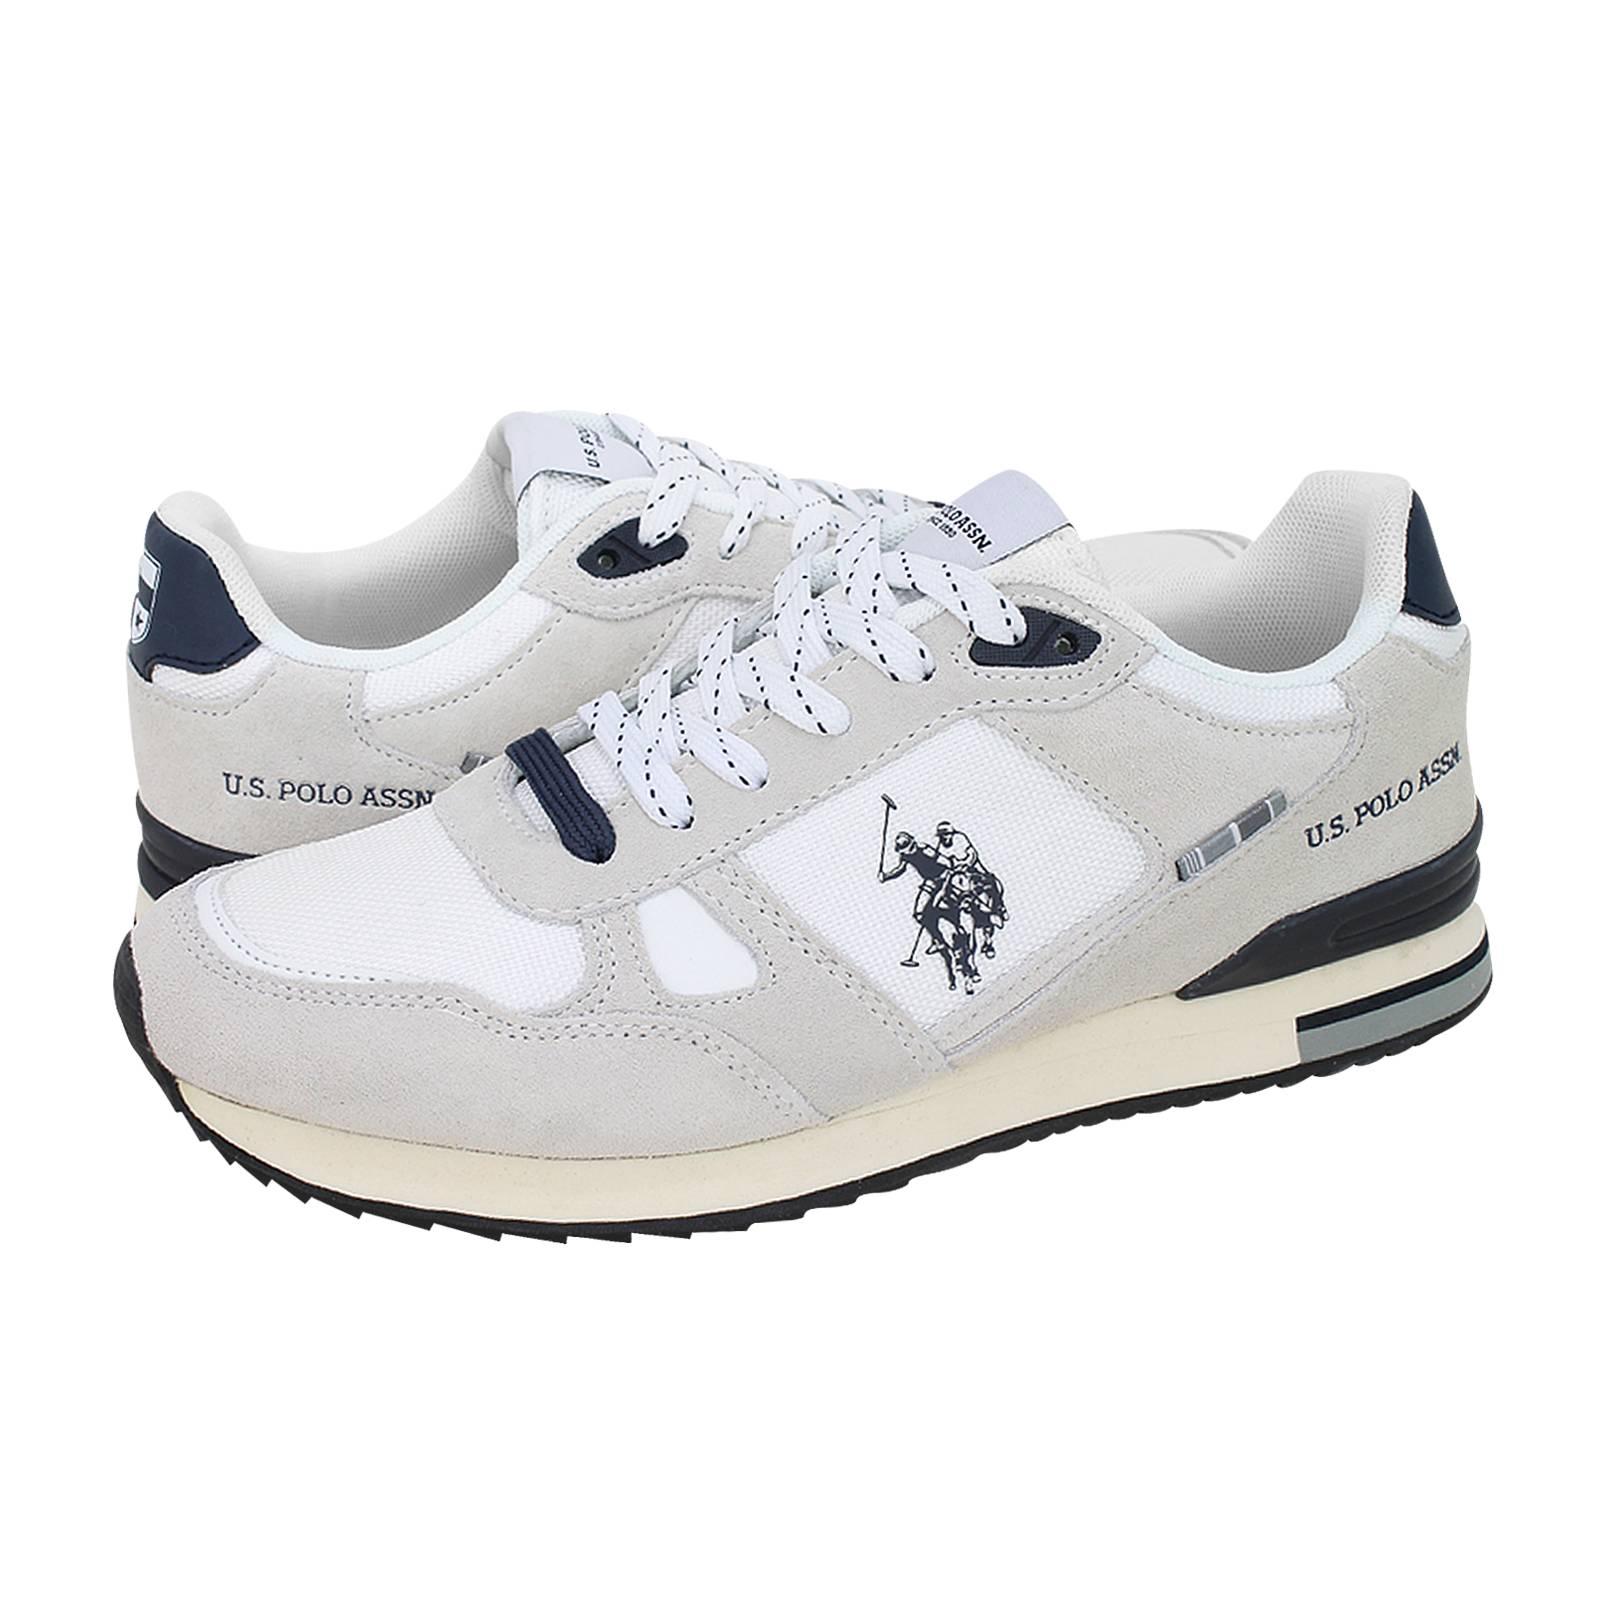 U.S. Polo ASSN Men's casual shoes